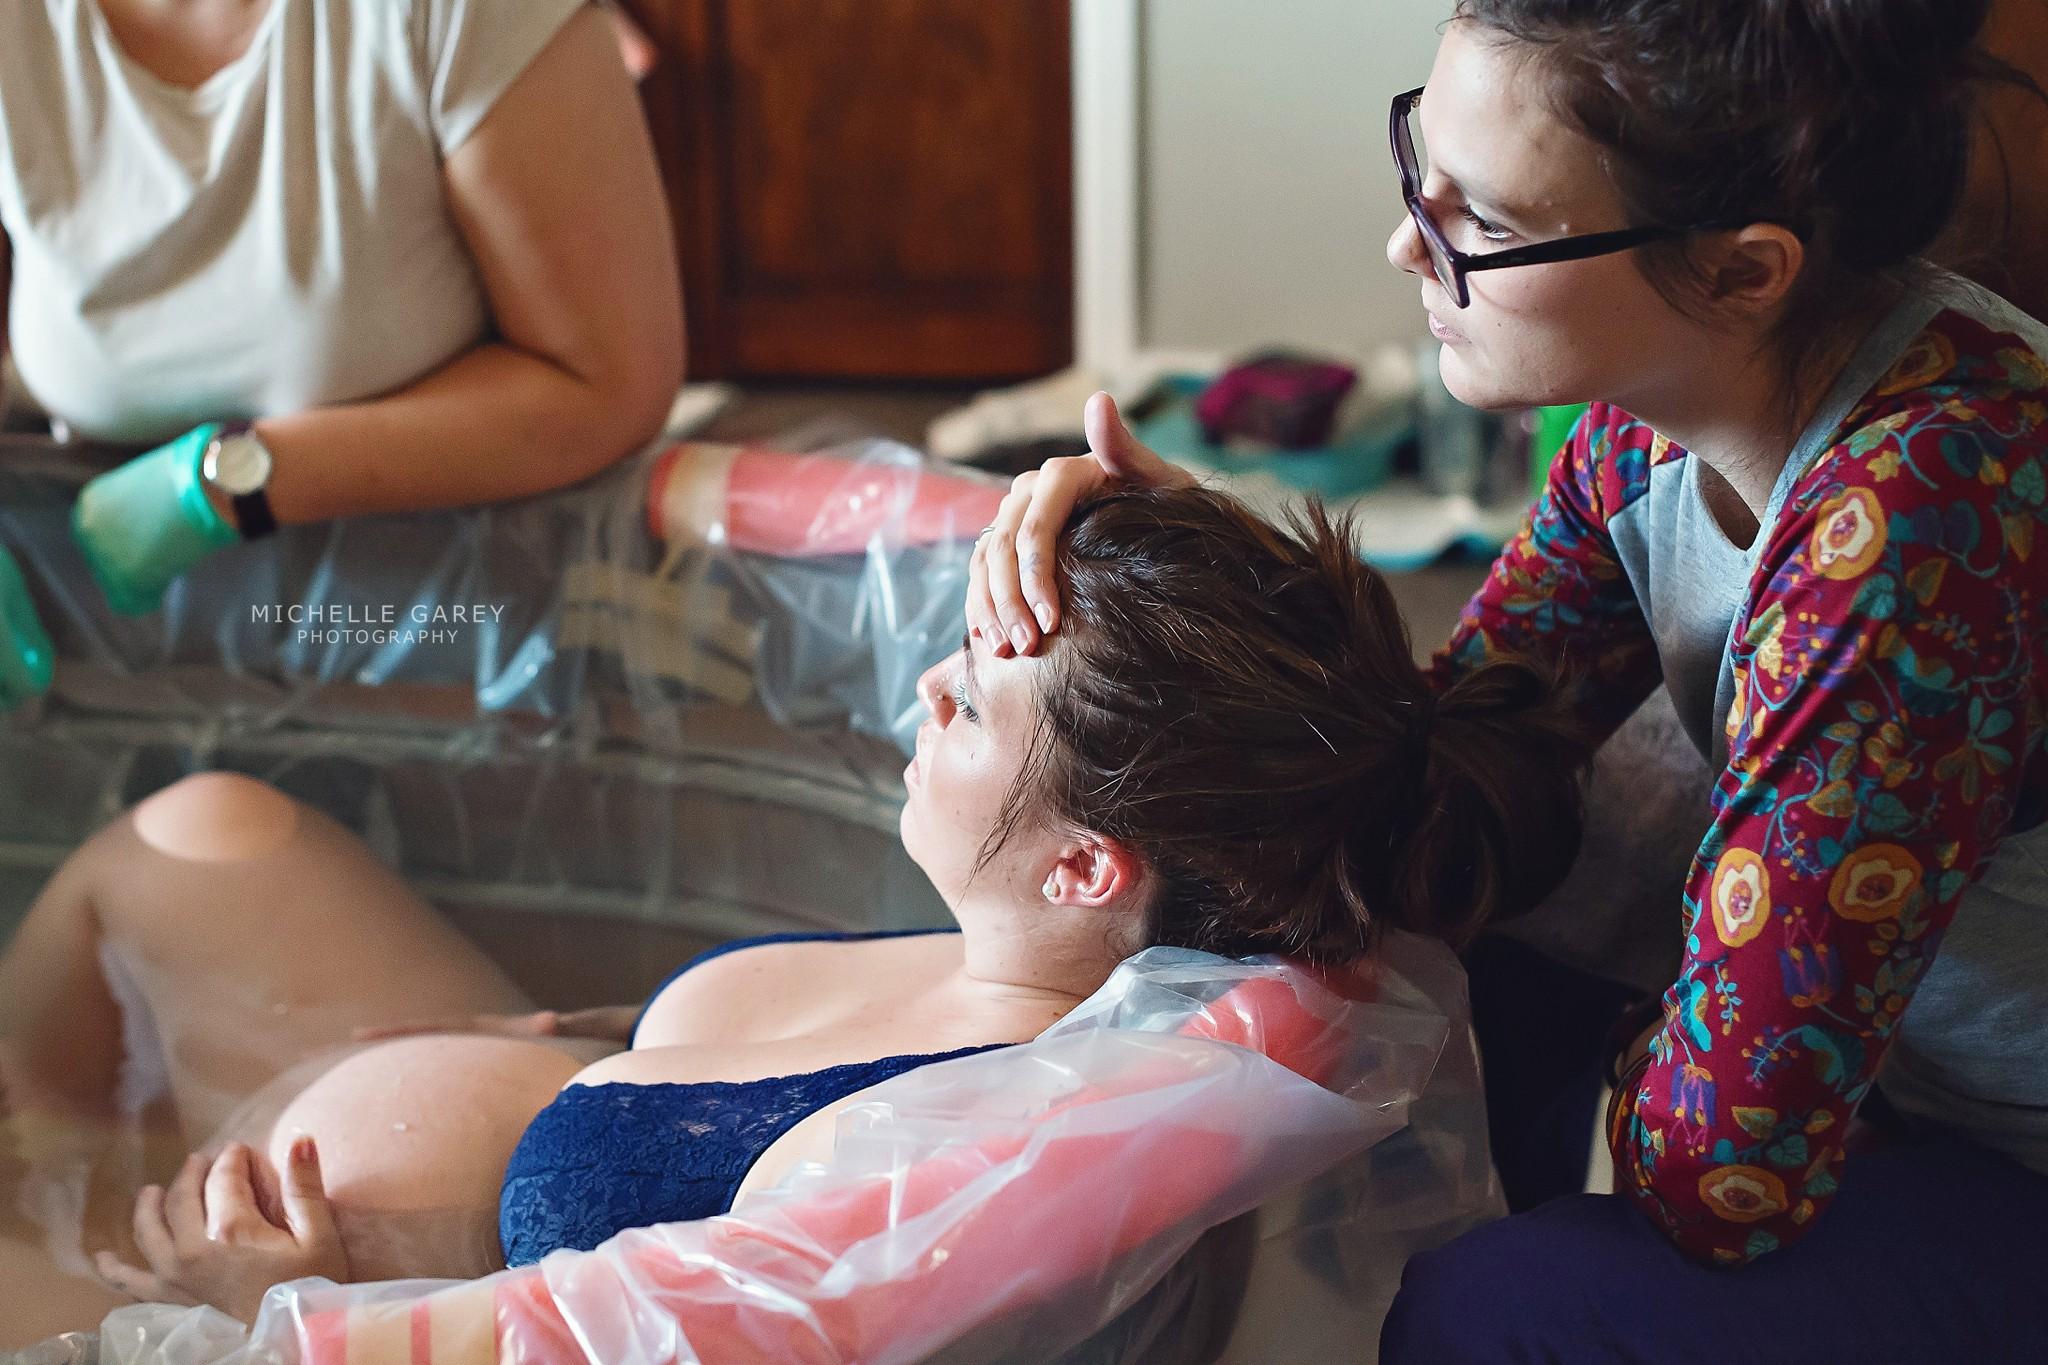 Katrina & Krystal - Denver Birth Services(303) 956-0352http://denverbirthservices.com